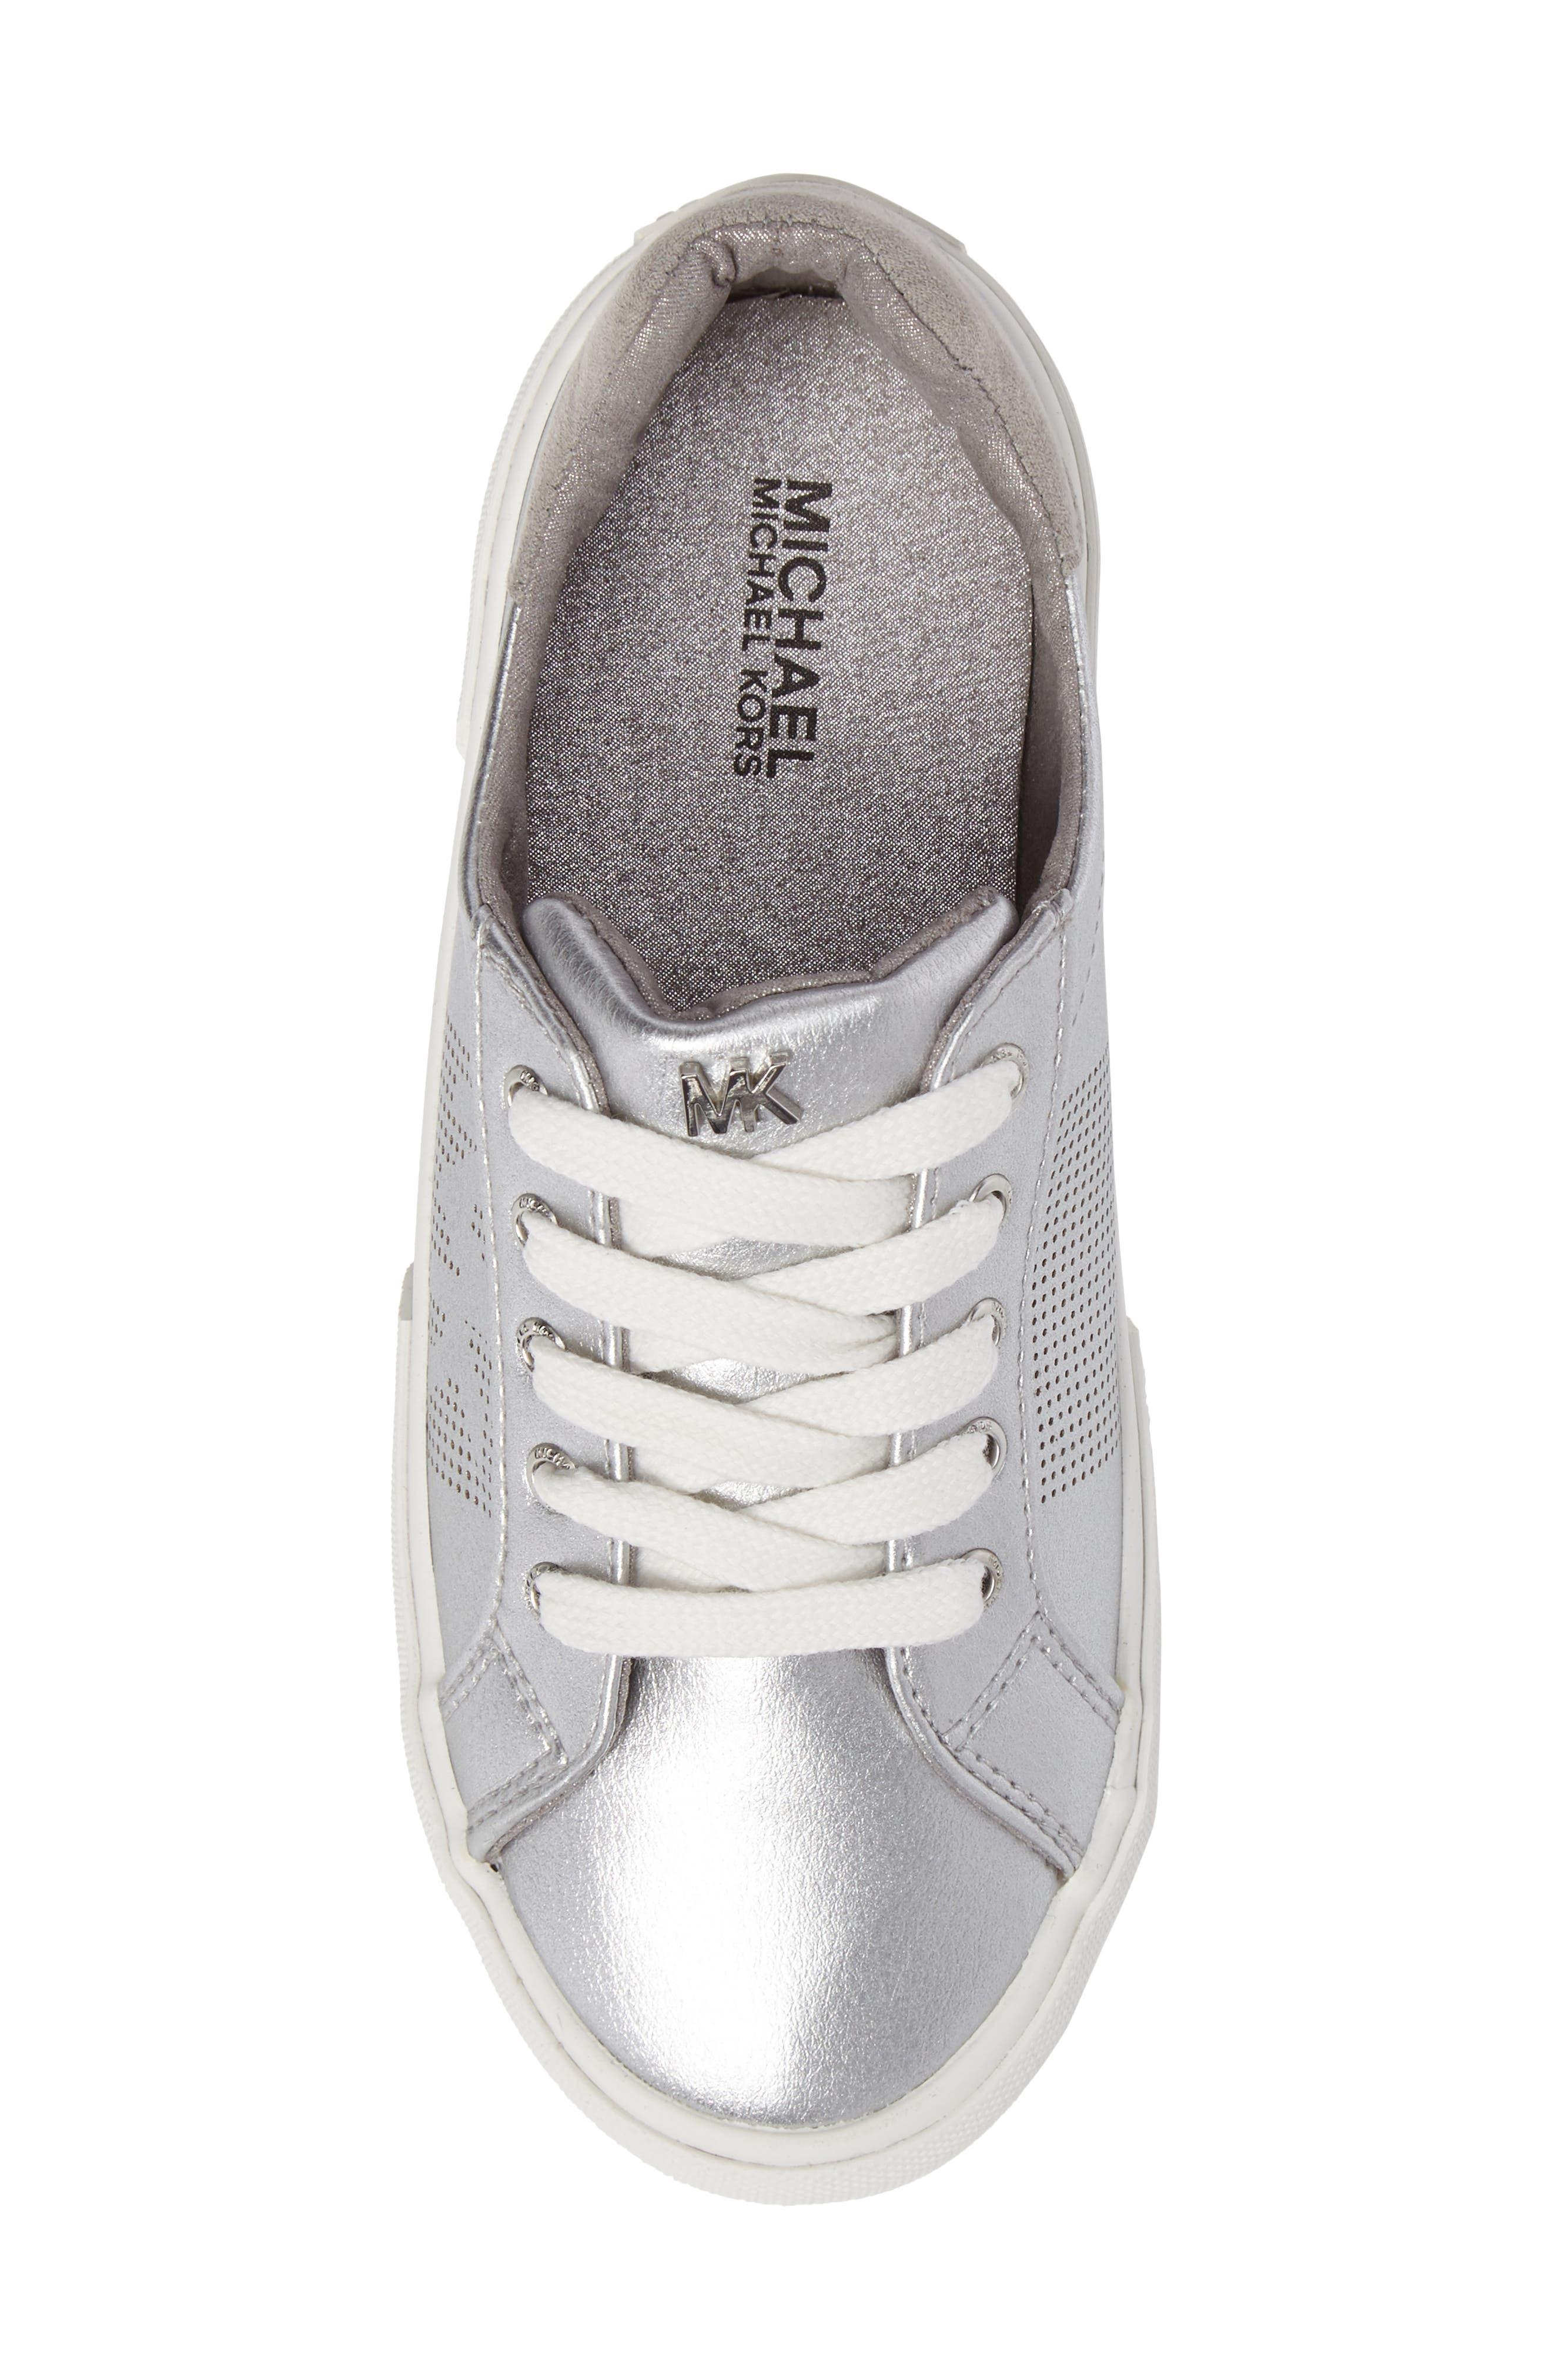 Ima Court Sneaker,                             Alternate thumbnail 5, color,                             040